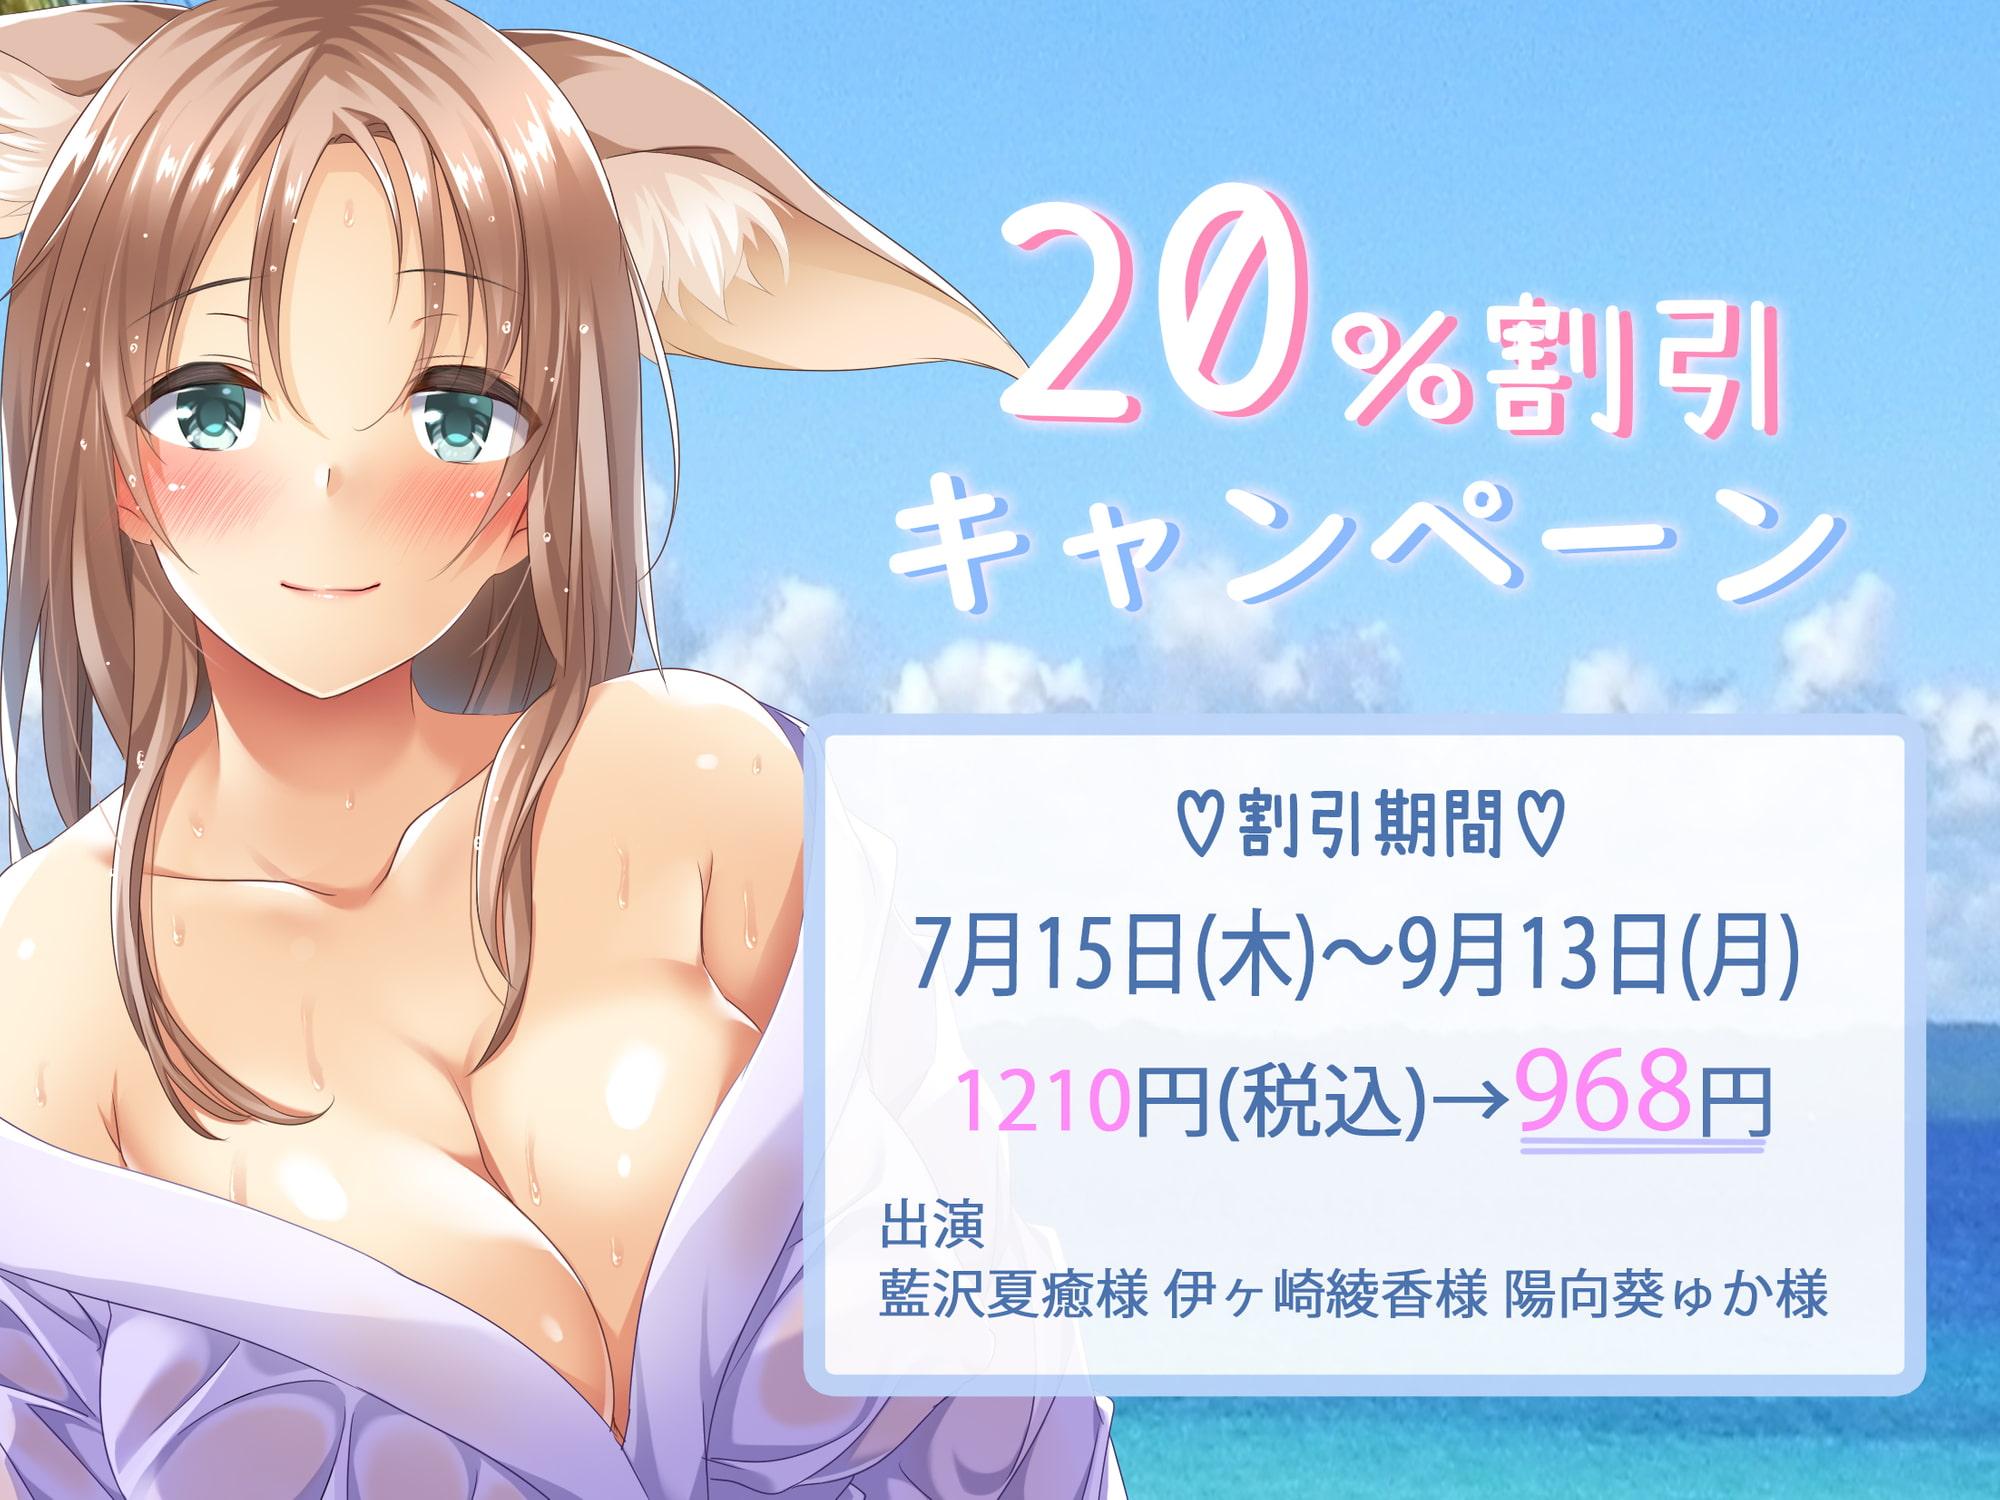 【処女作】ケモ耳座敷童3姉妹秘湯温泉でおもてなし【KU100】